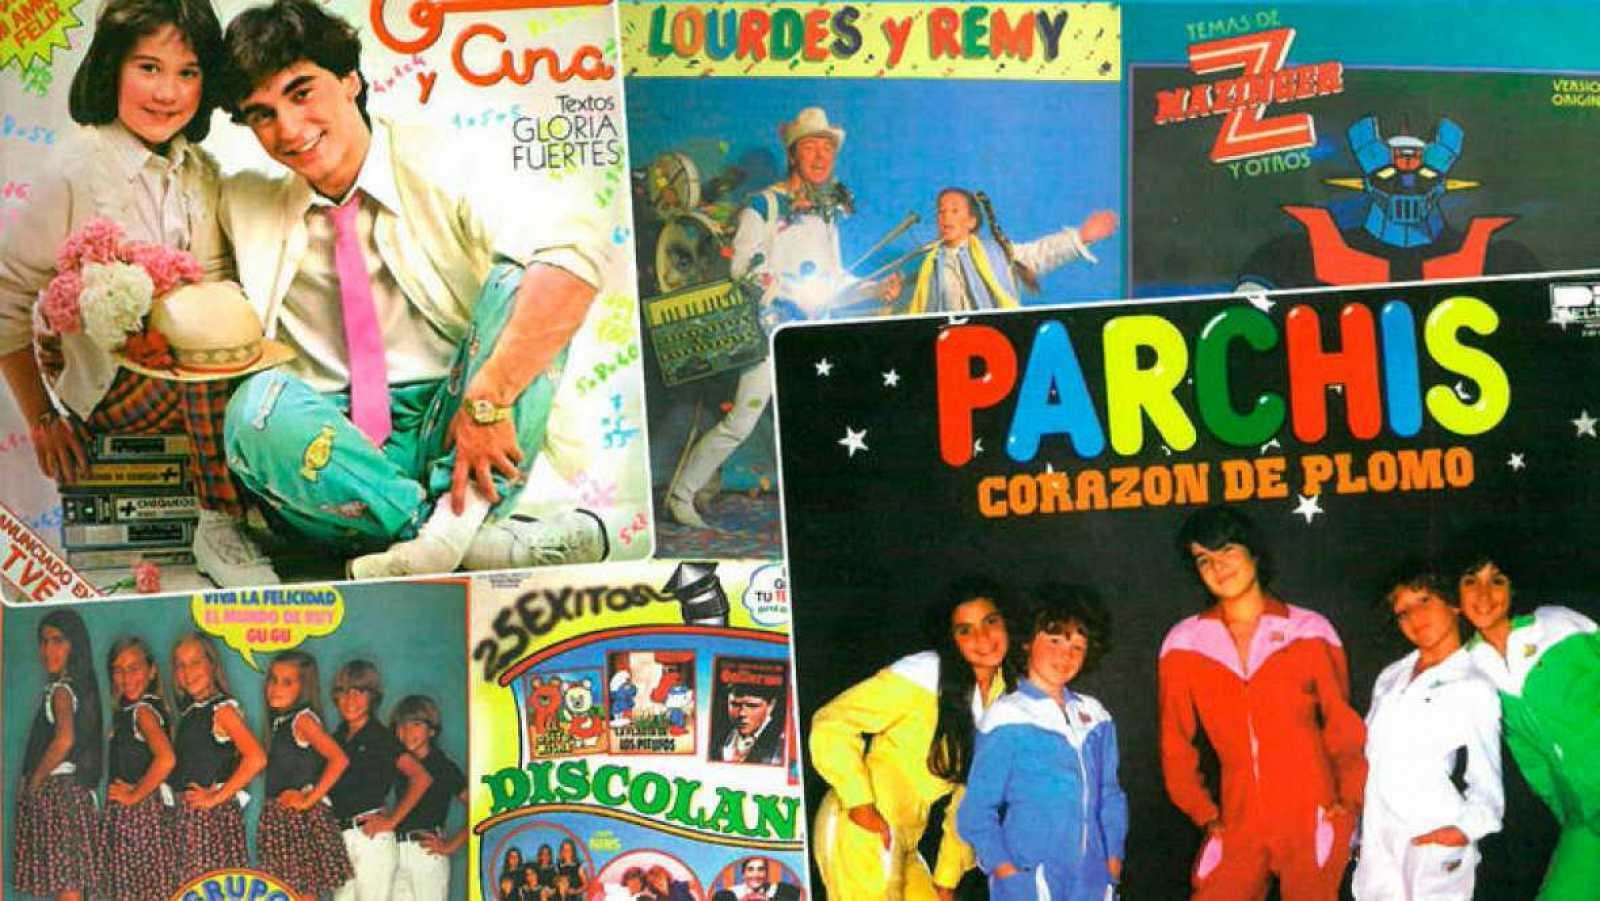 Grupos infantiles de los años 80 y 90 de los que no se acuerda ni Dios